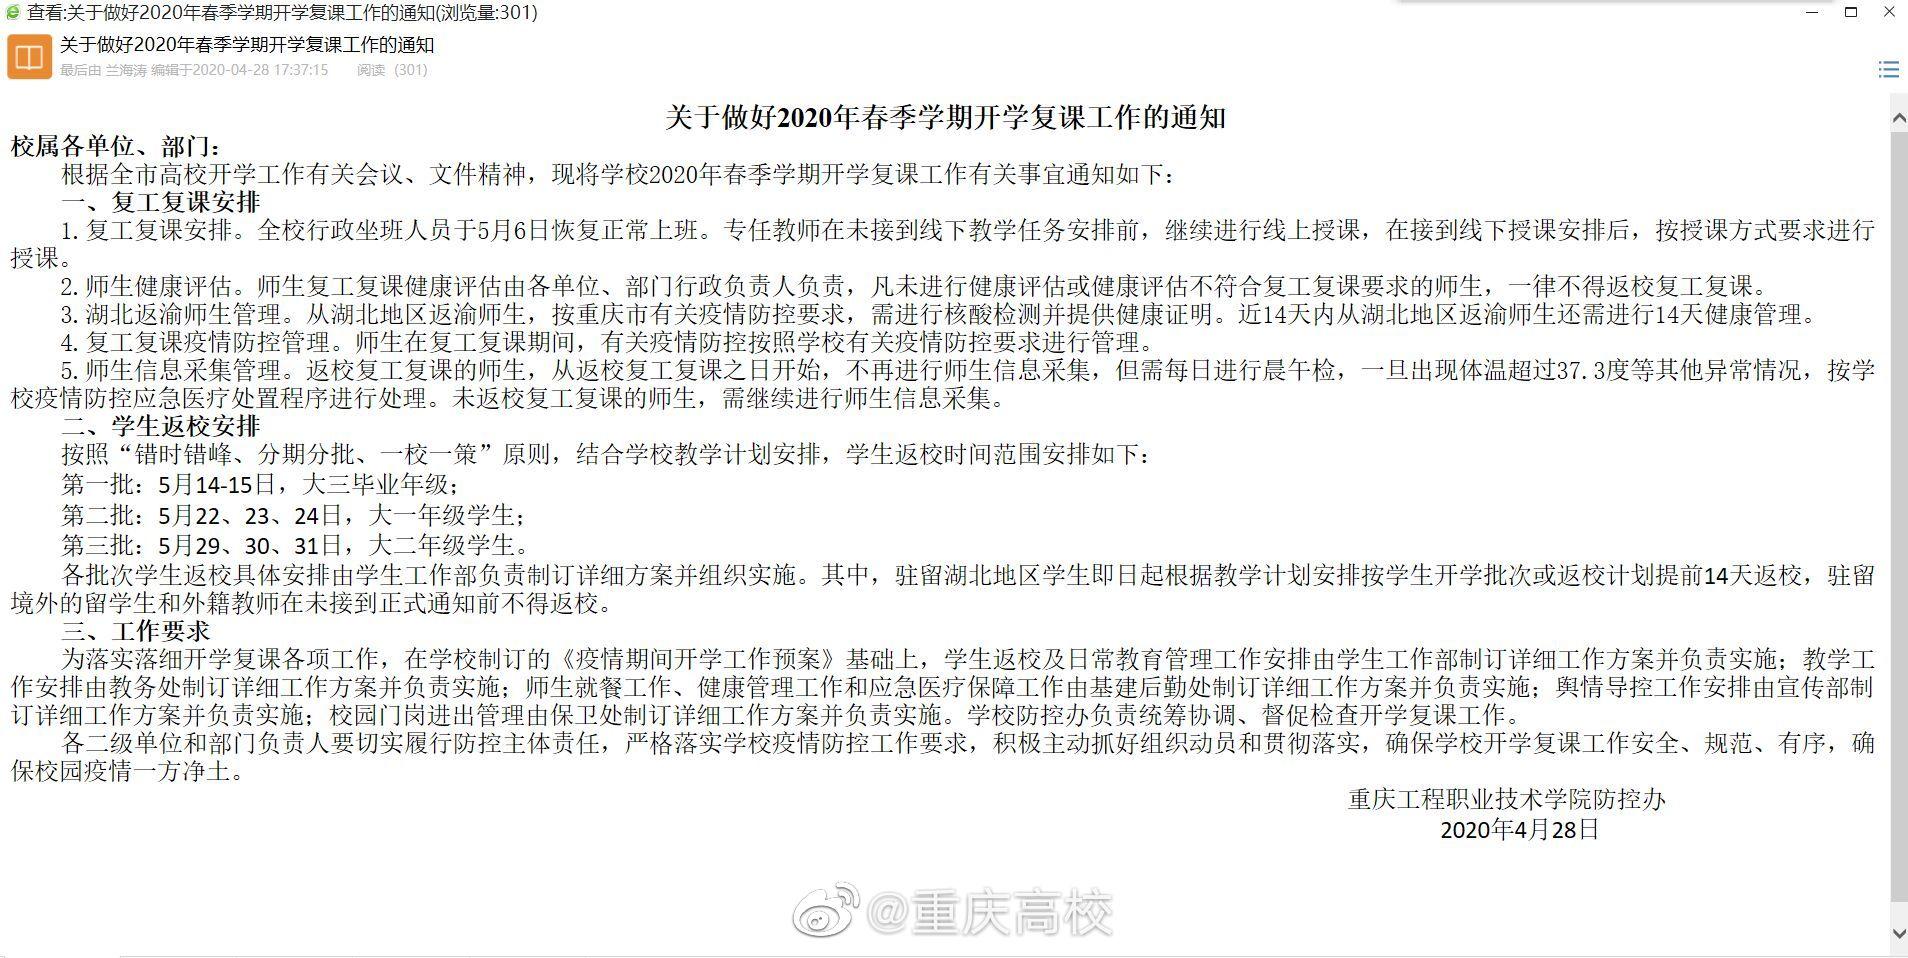 已发布开学时间通知的学校更新,重庆工程职业技术学院